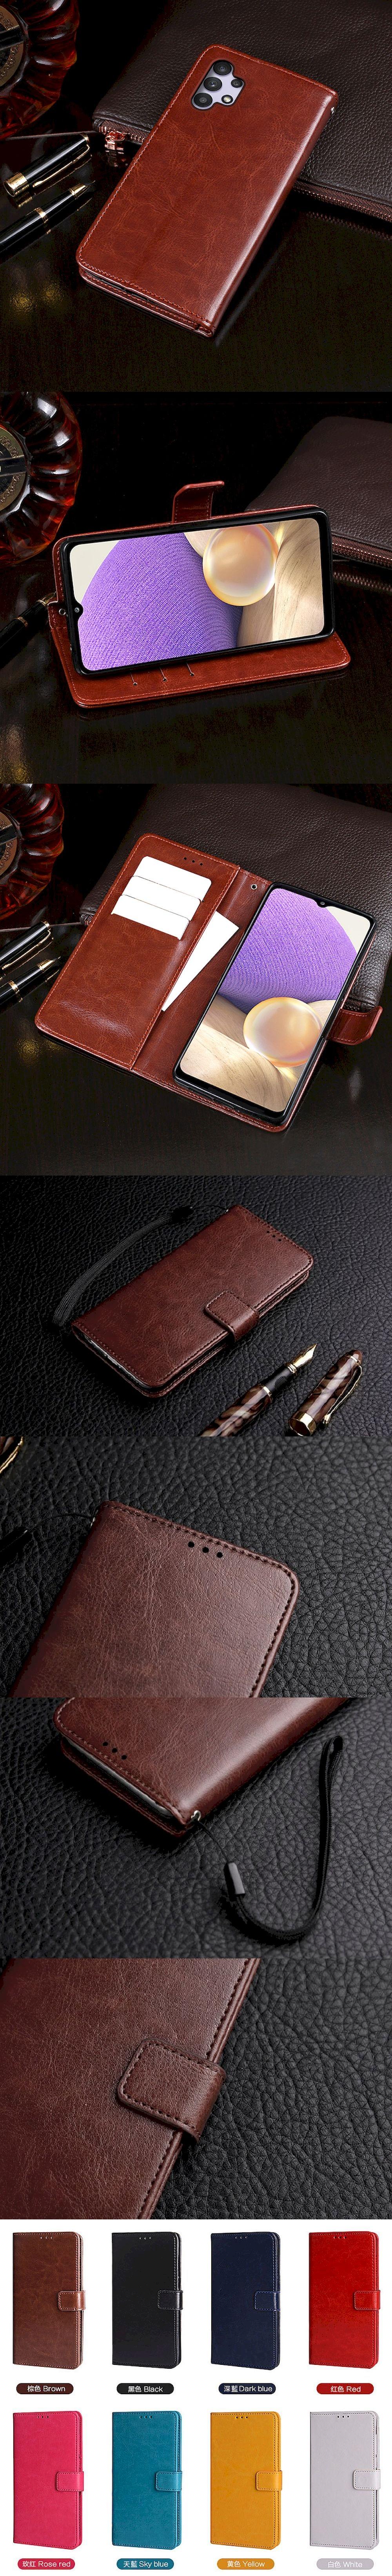 299-Samsung-扣帶左右翻蓋皮套(A32 5G)